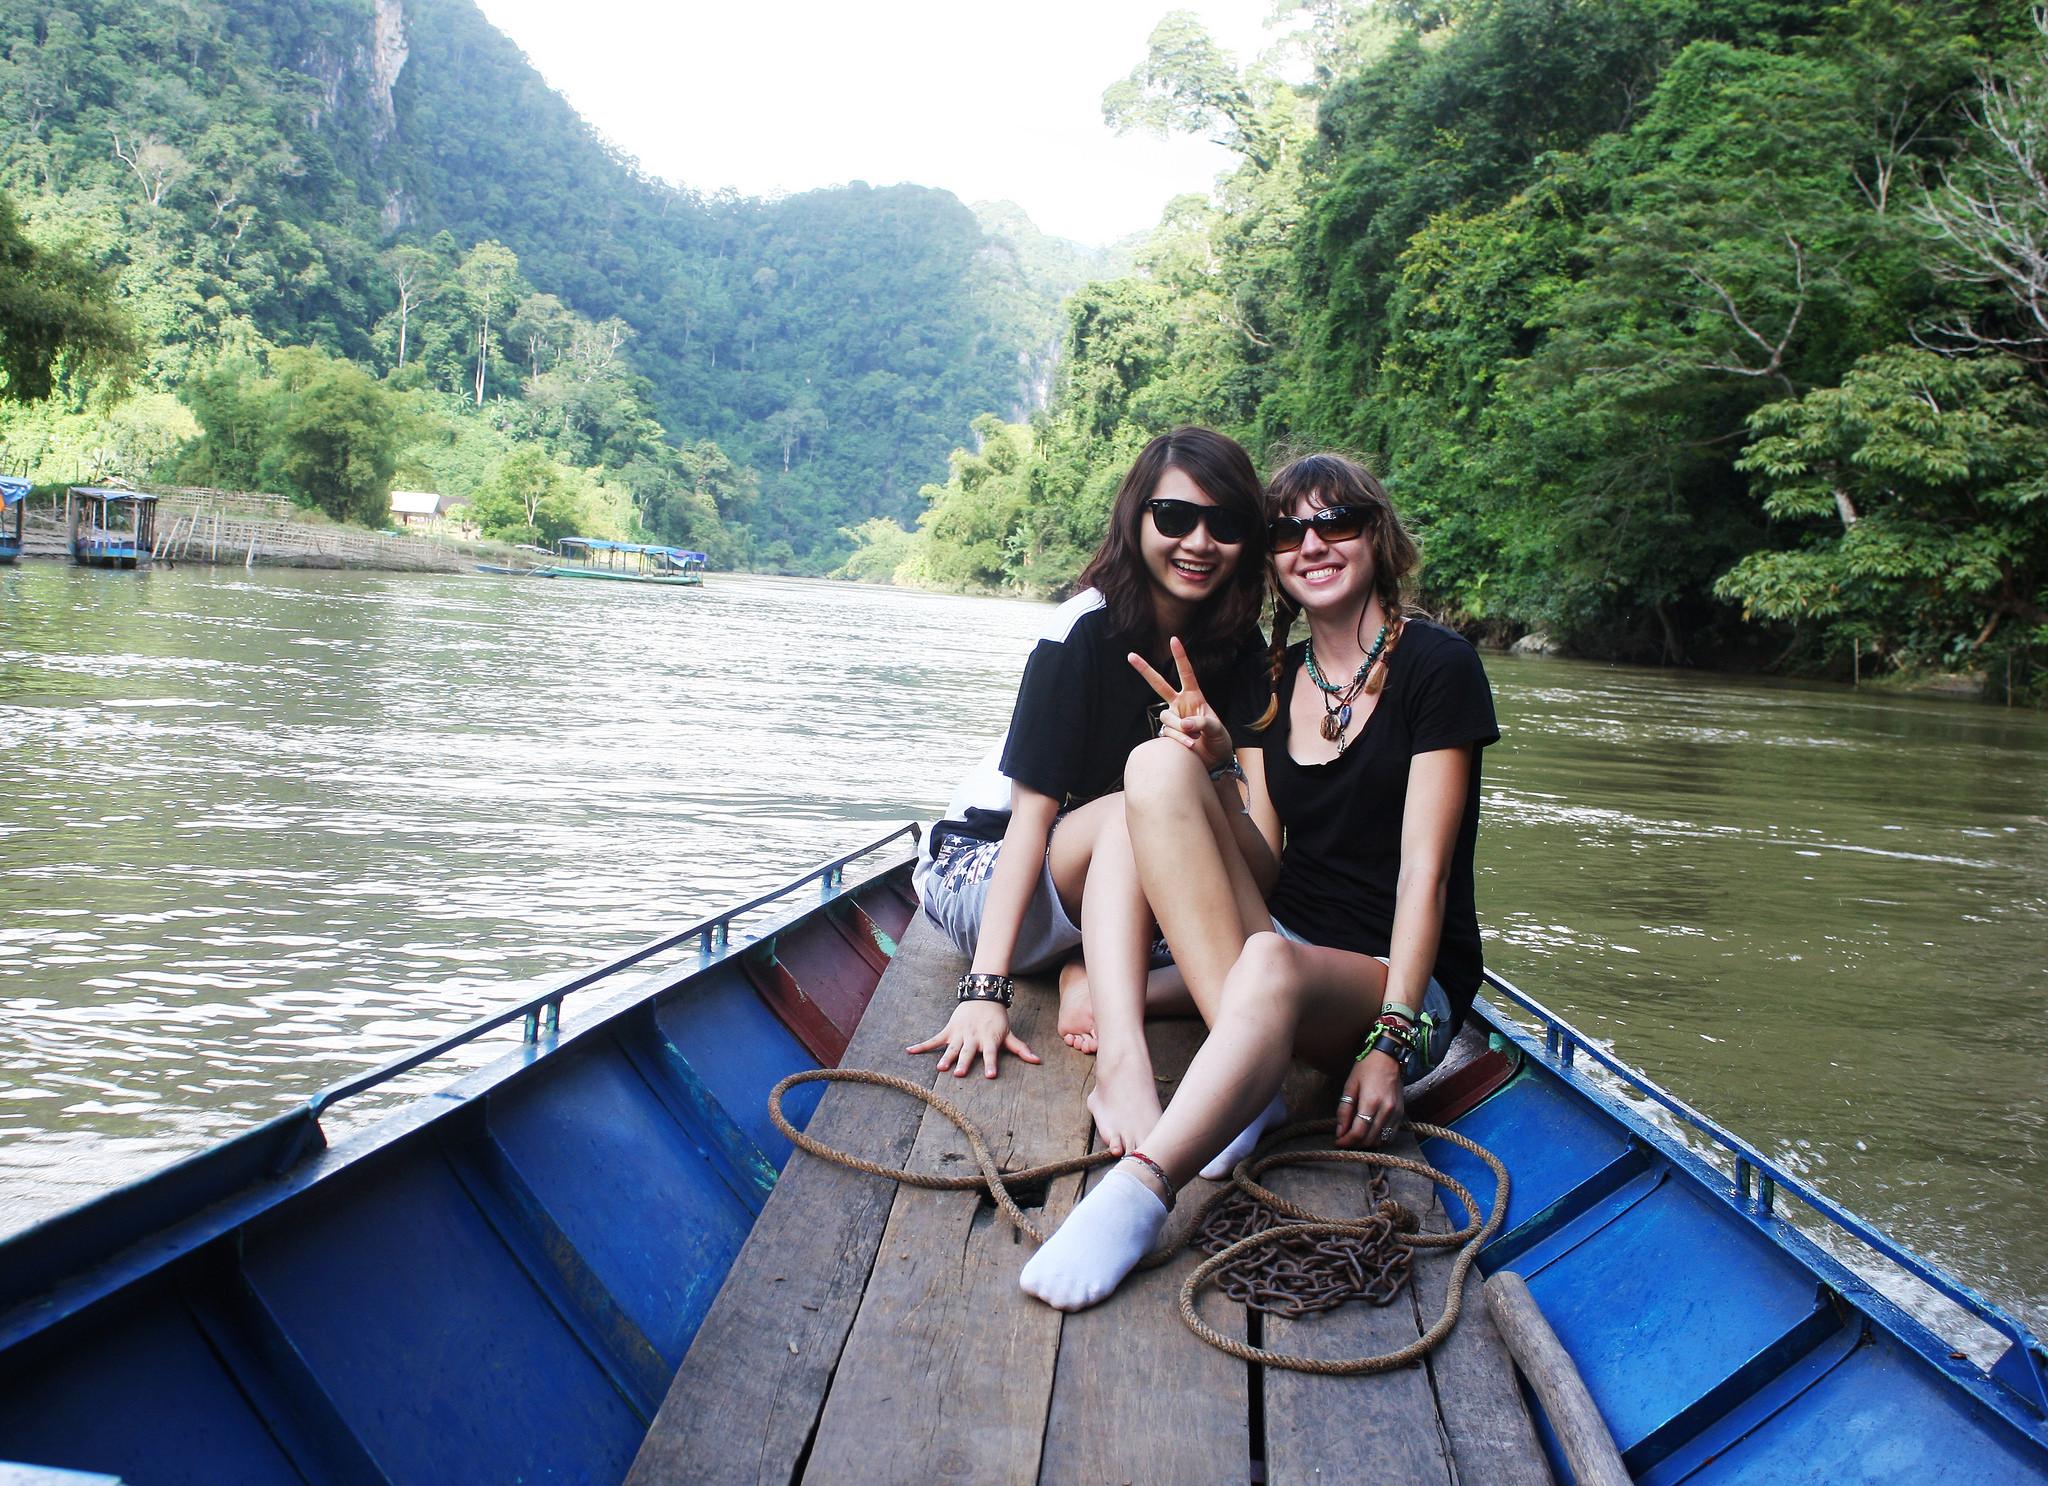 Tour Du Lịch Hồ Ba Bể 2 Ngày 1 Đêm Giá Rẻ từ Hà Nội - Vietmountain Travel 3